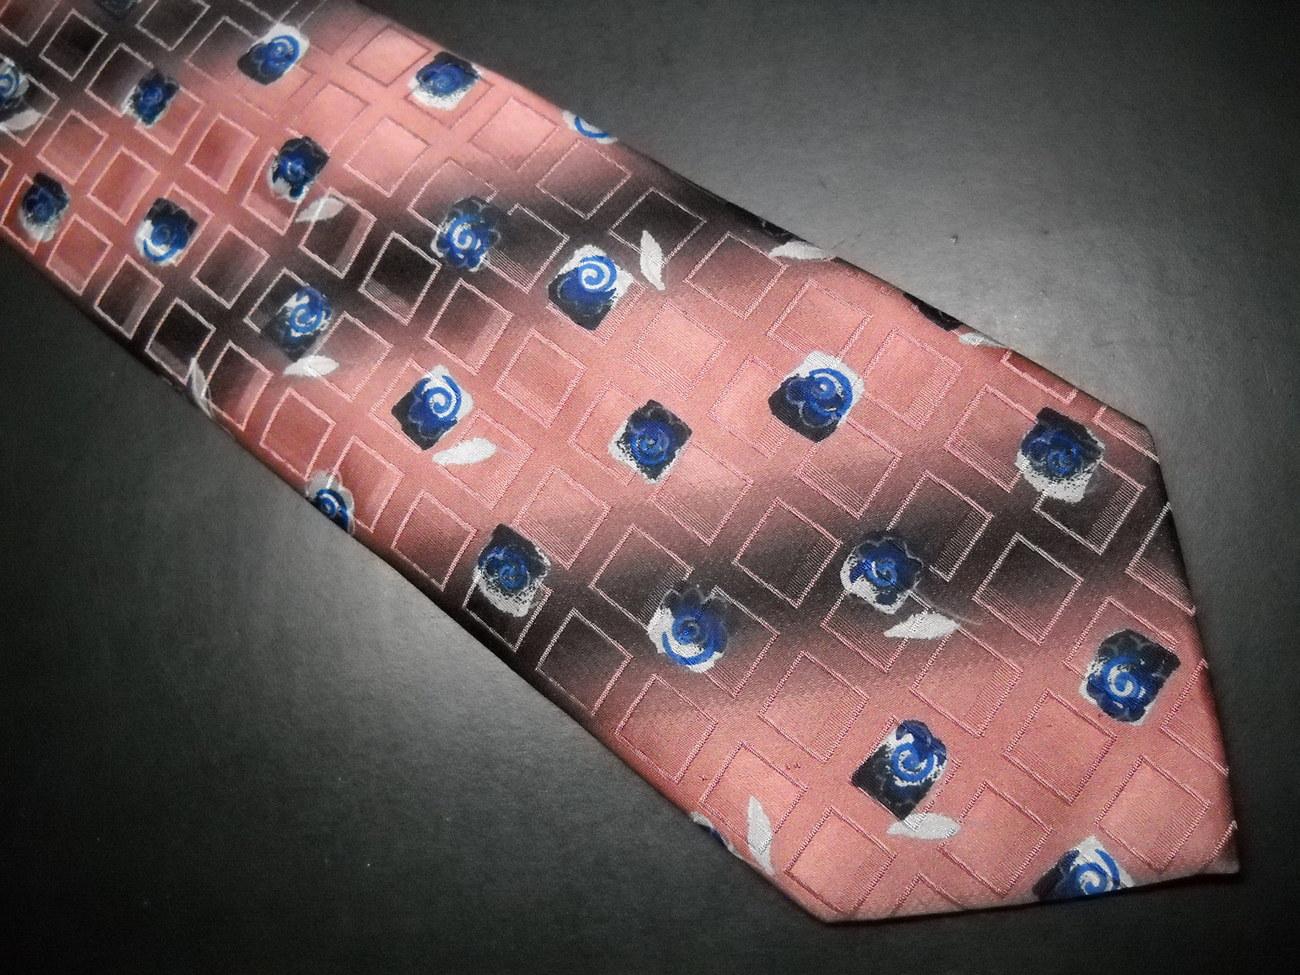 Ermenegildo Zegna Disegno Esclusivo Neck Tie Broad Band Stripes with Blue Roses image 2